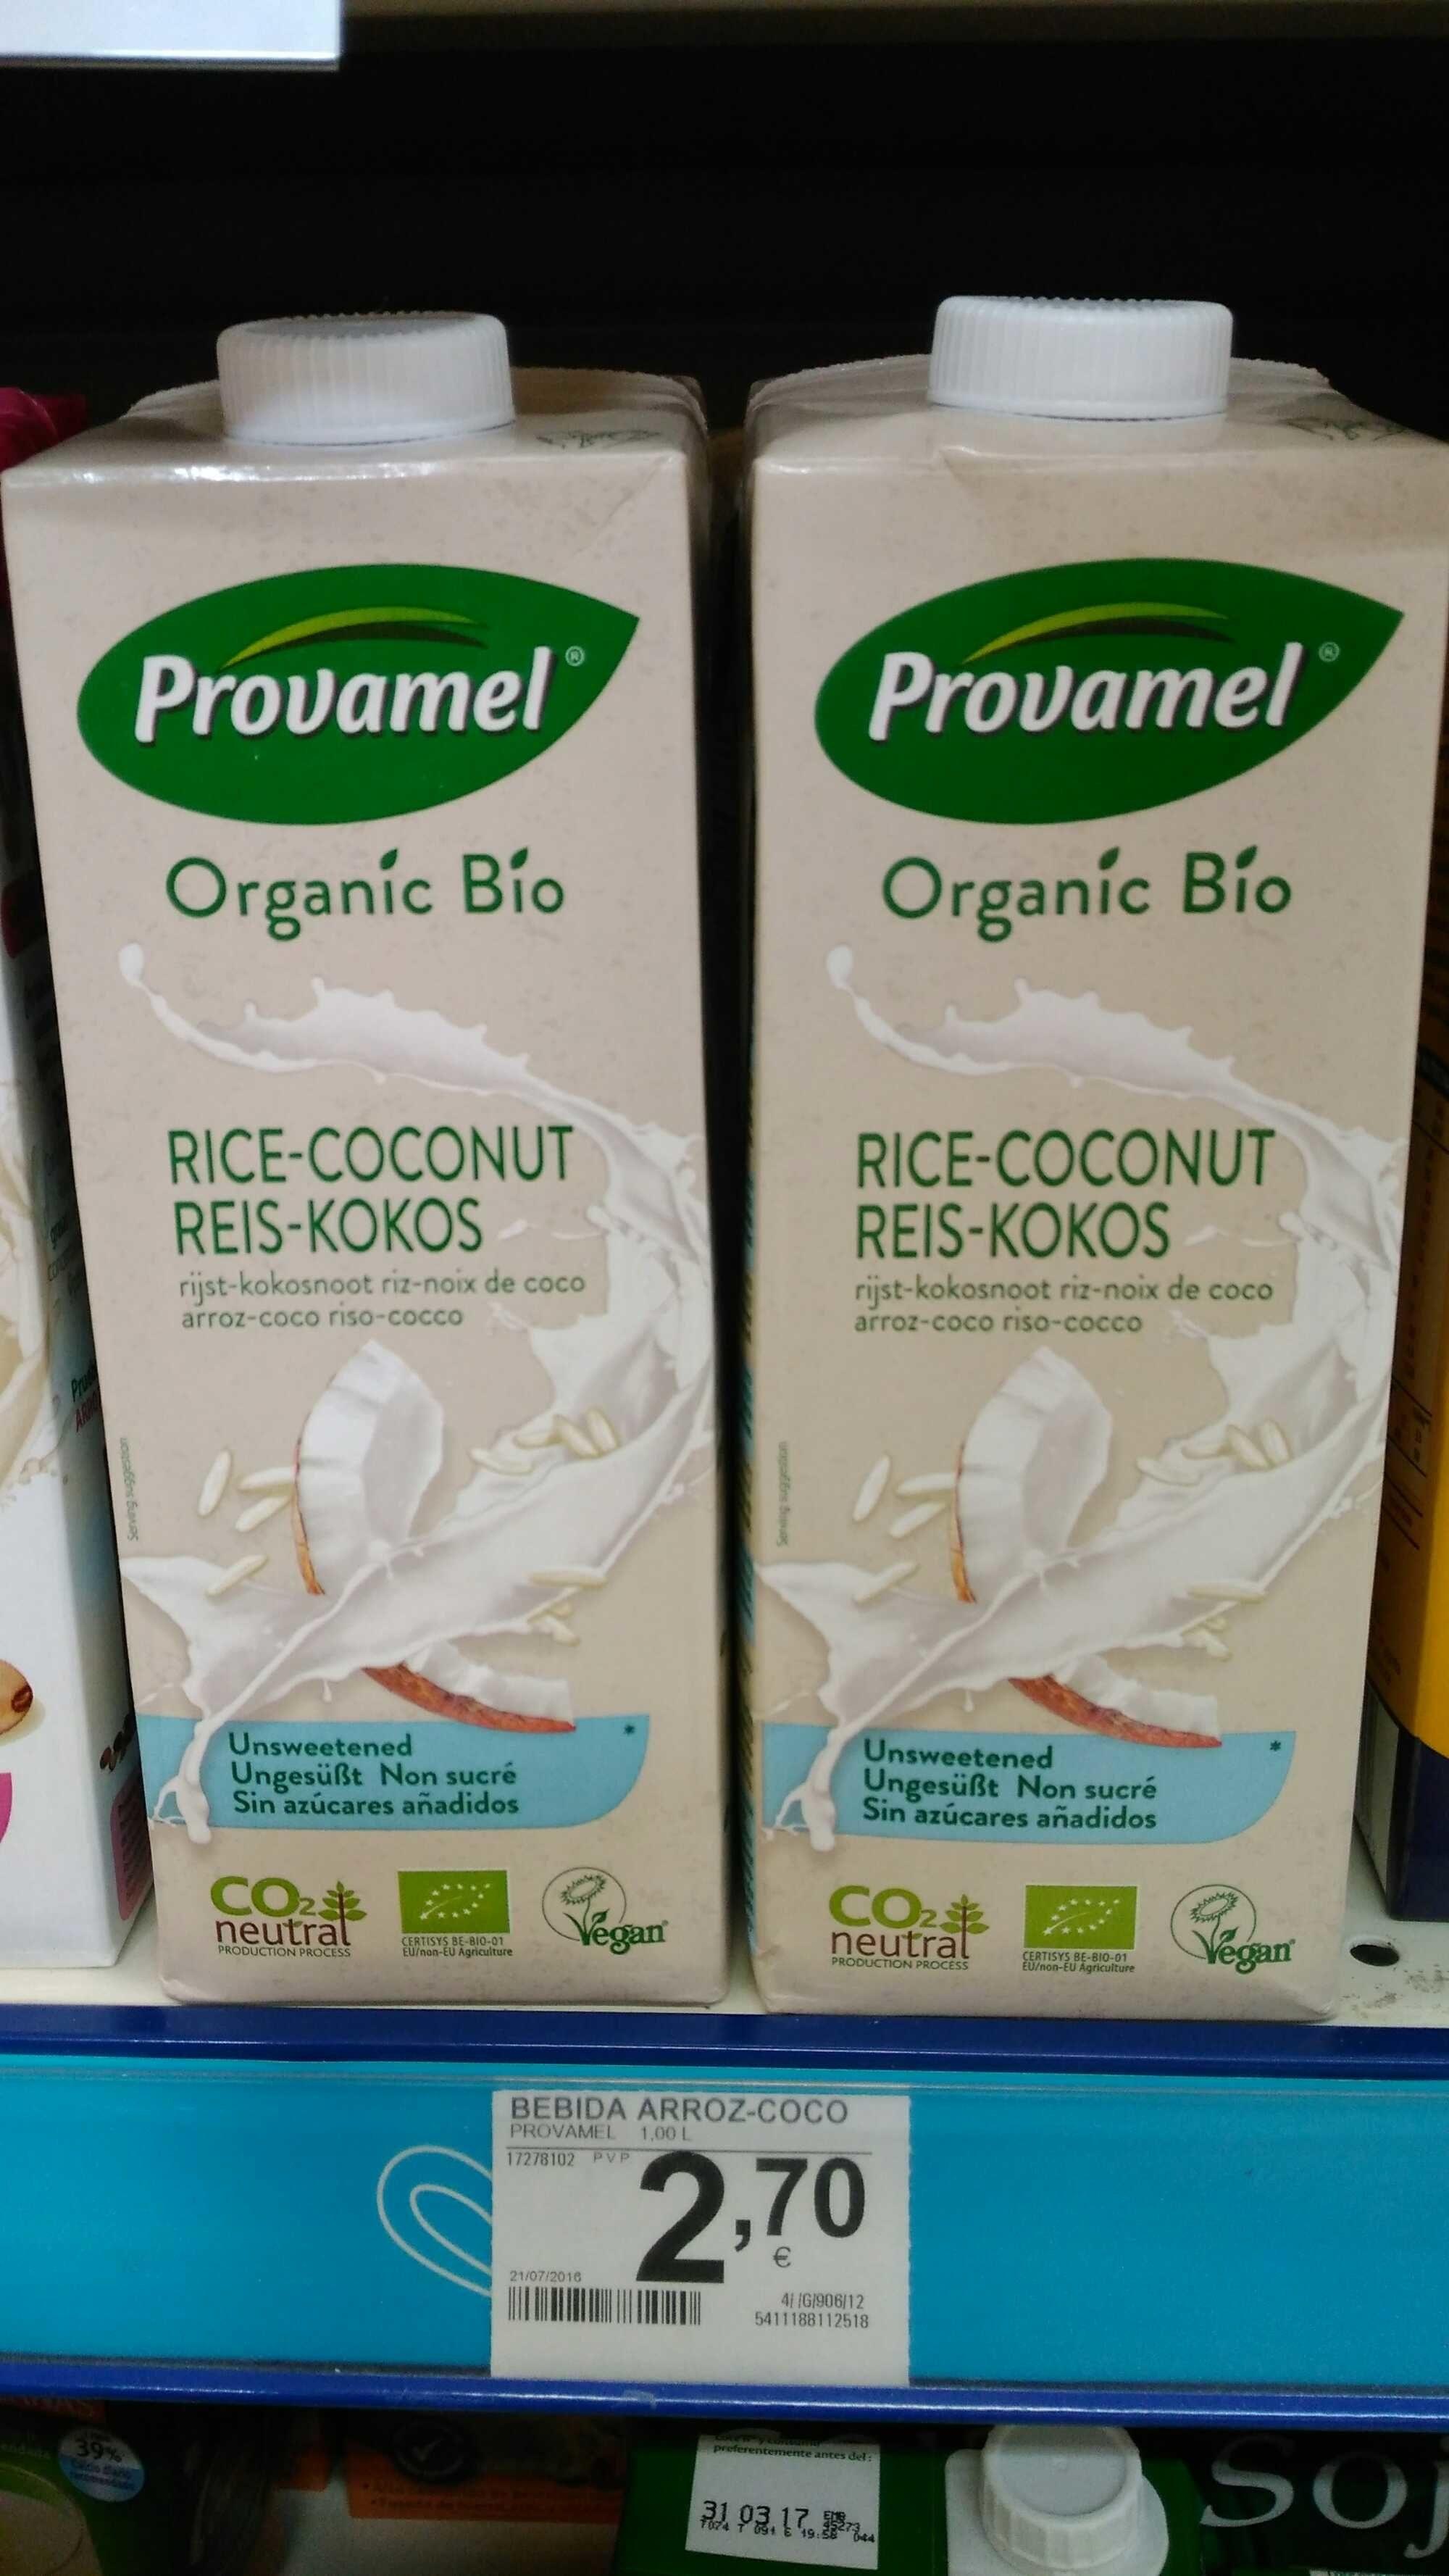 Boisson Au Riz Noix De Coco Bio - 1L - Provamel - Producto